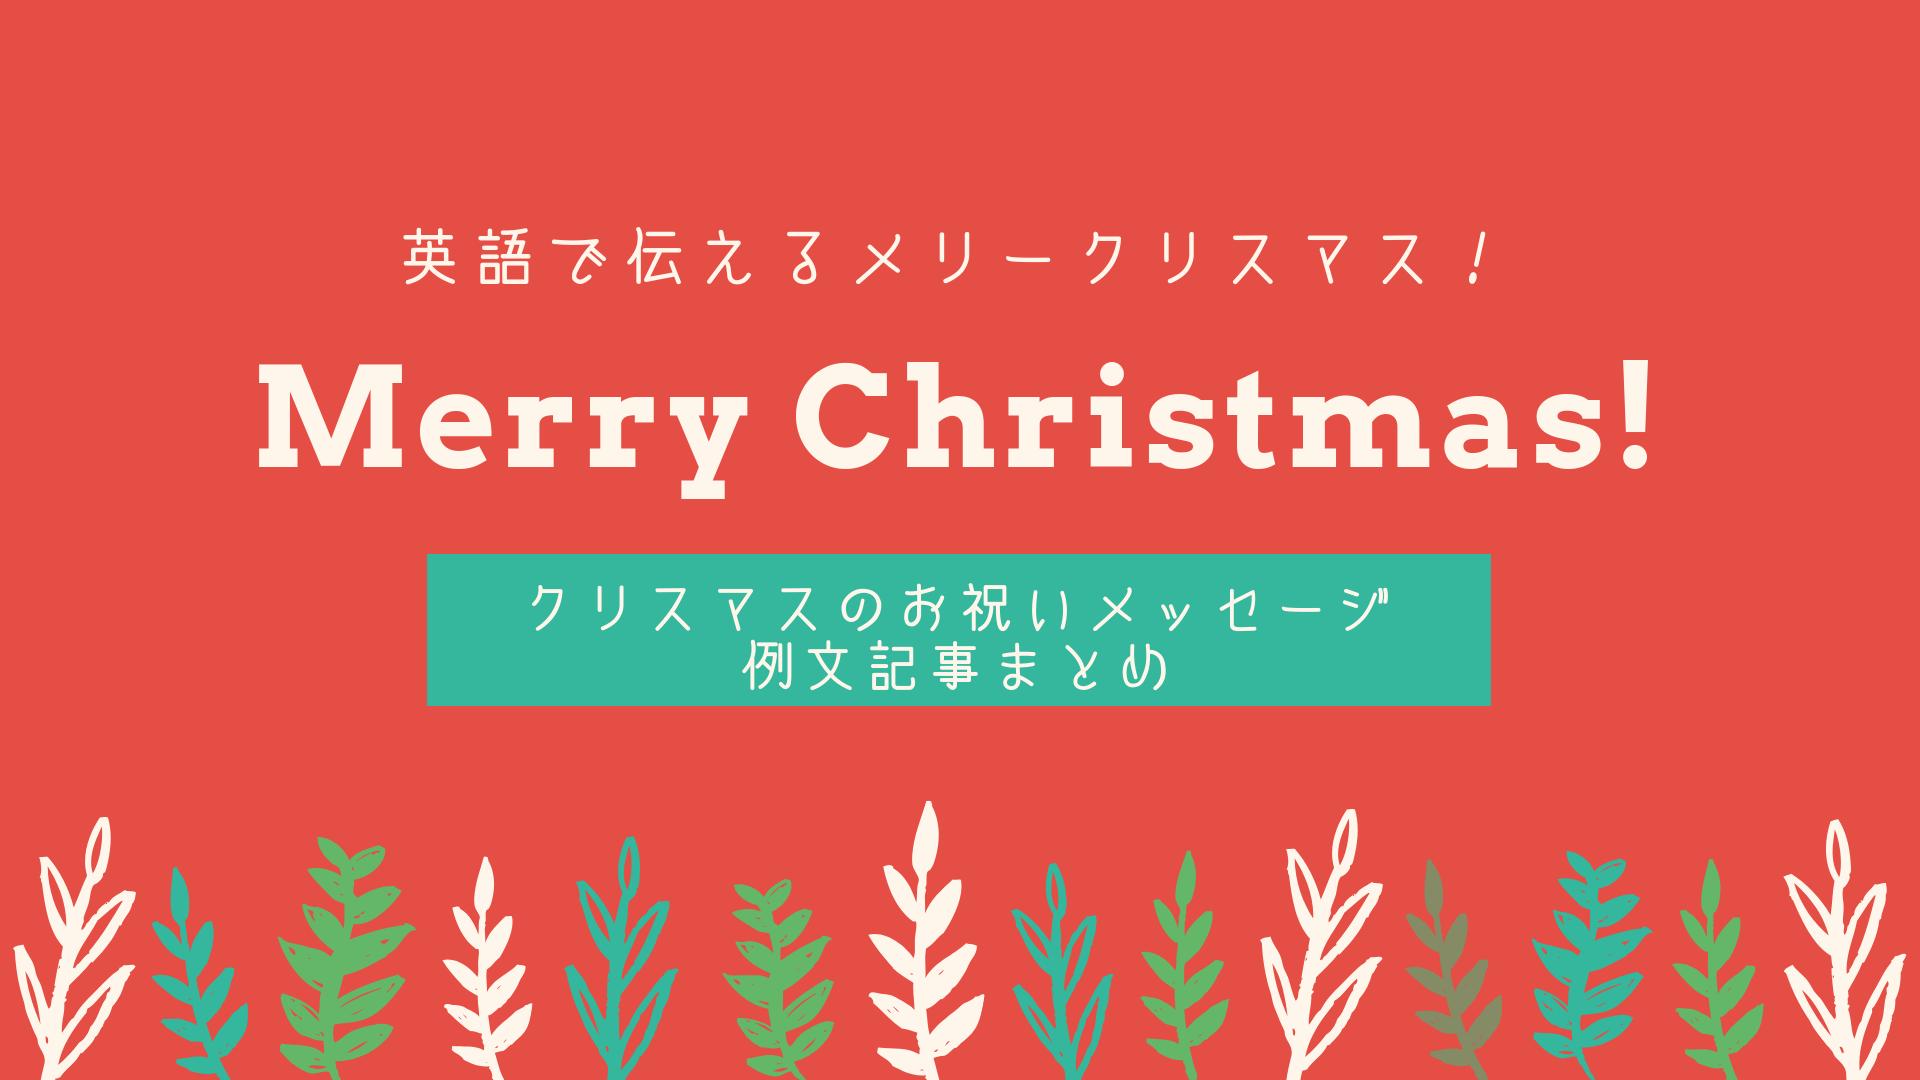 英語で「メリークリスマス」を伝えるメッセージ例文【まとめ